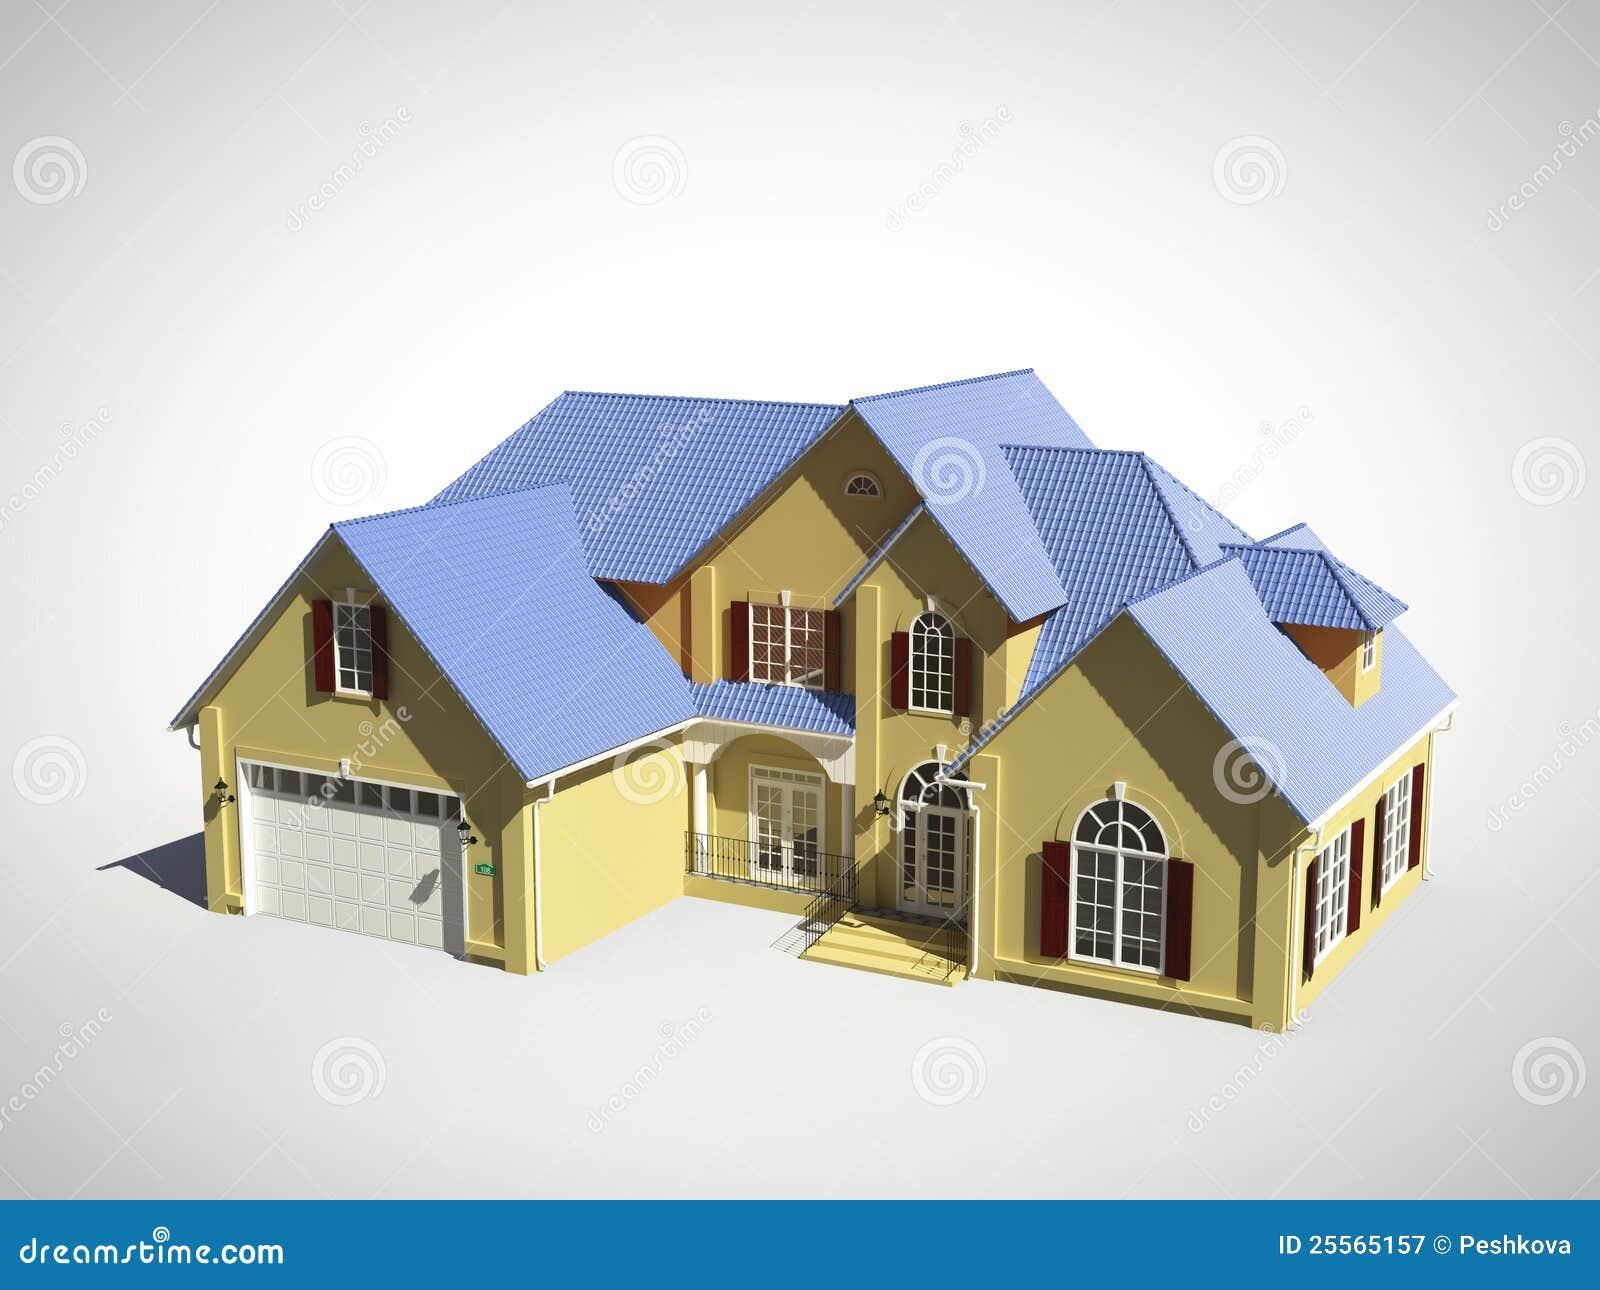 Huis met blauw dak royalty vrije stock fotografie afbeelding 25565157 - Groen huis model ...